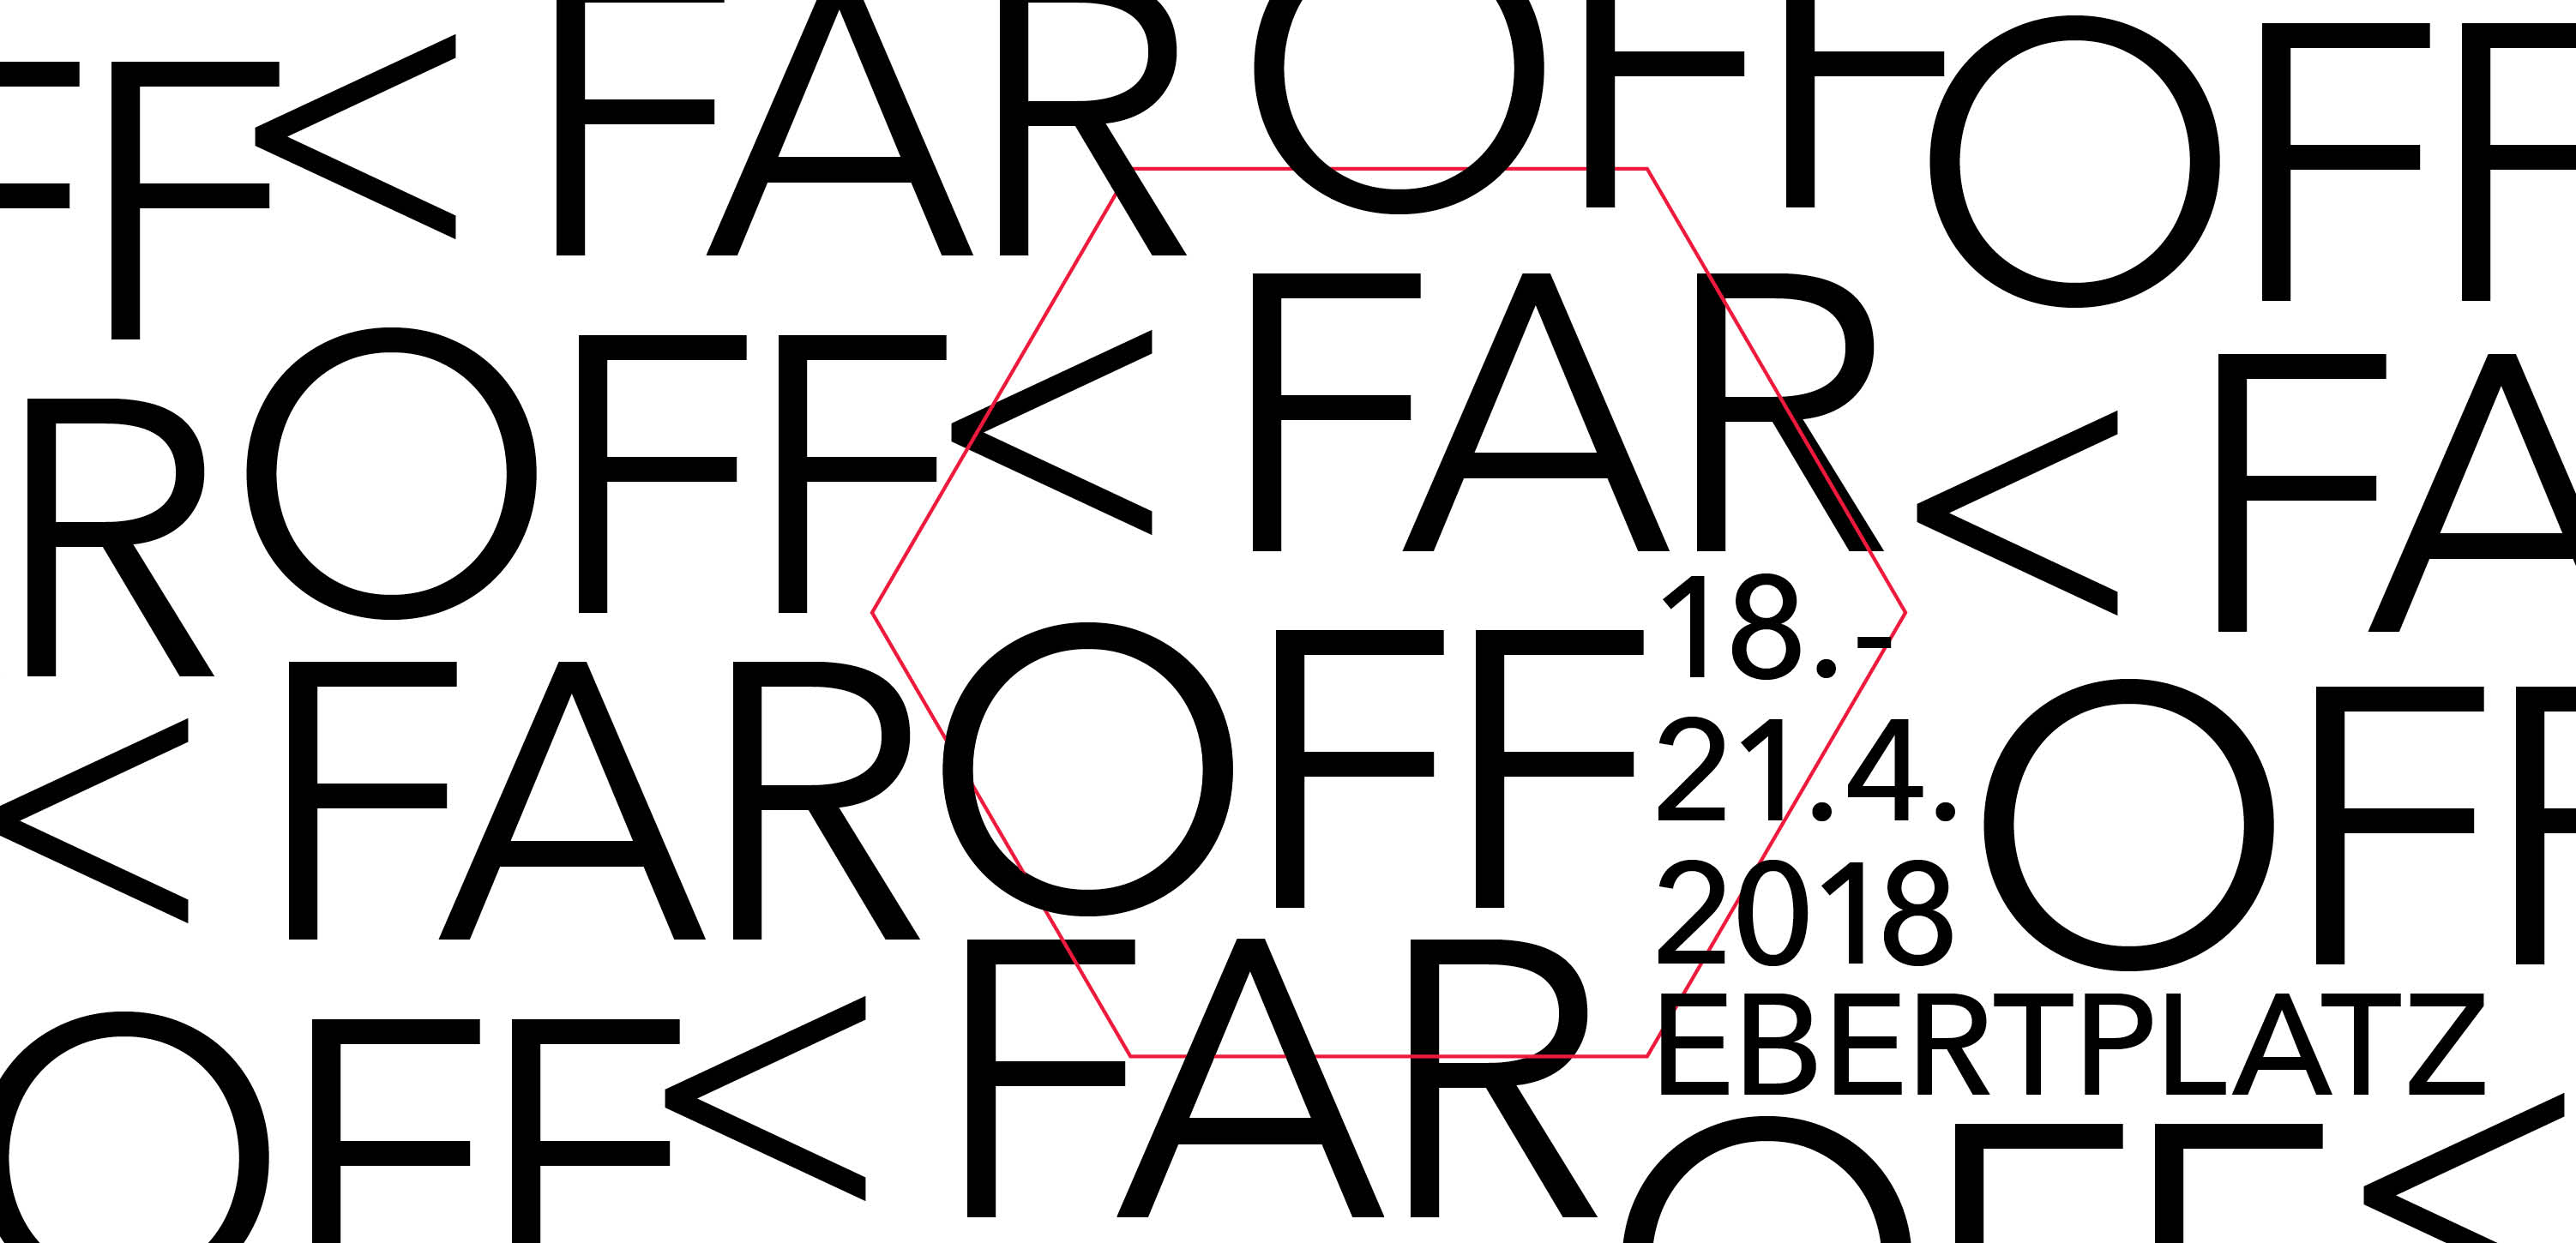 FAROFF2018